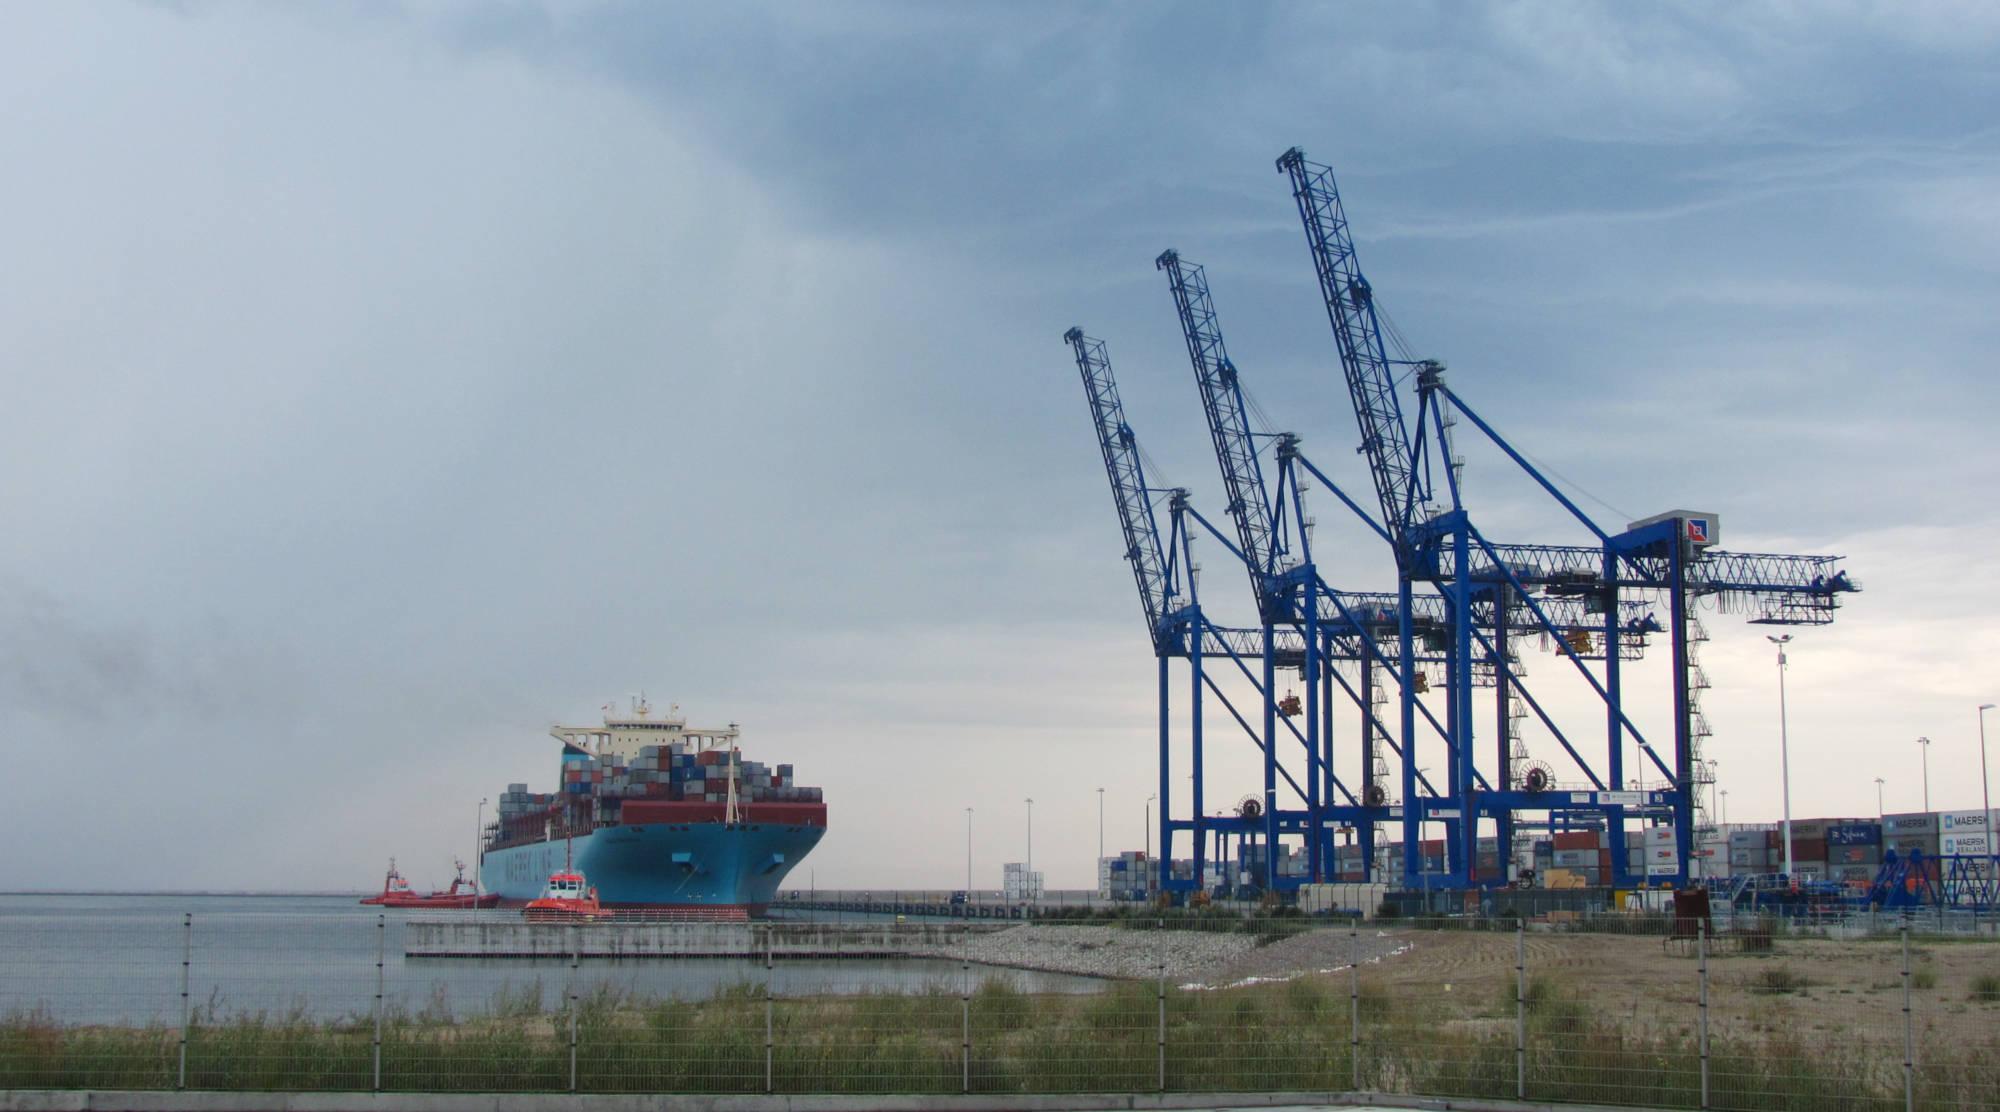 Wirtualne spotkanie branży morskiej. Rozpoczęły się Targi Balt Military Expo i InterMarE South Baltic